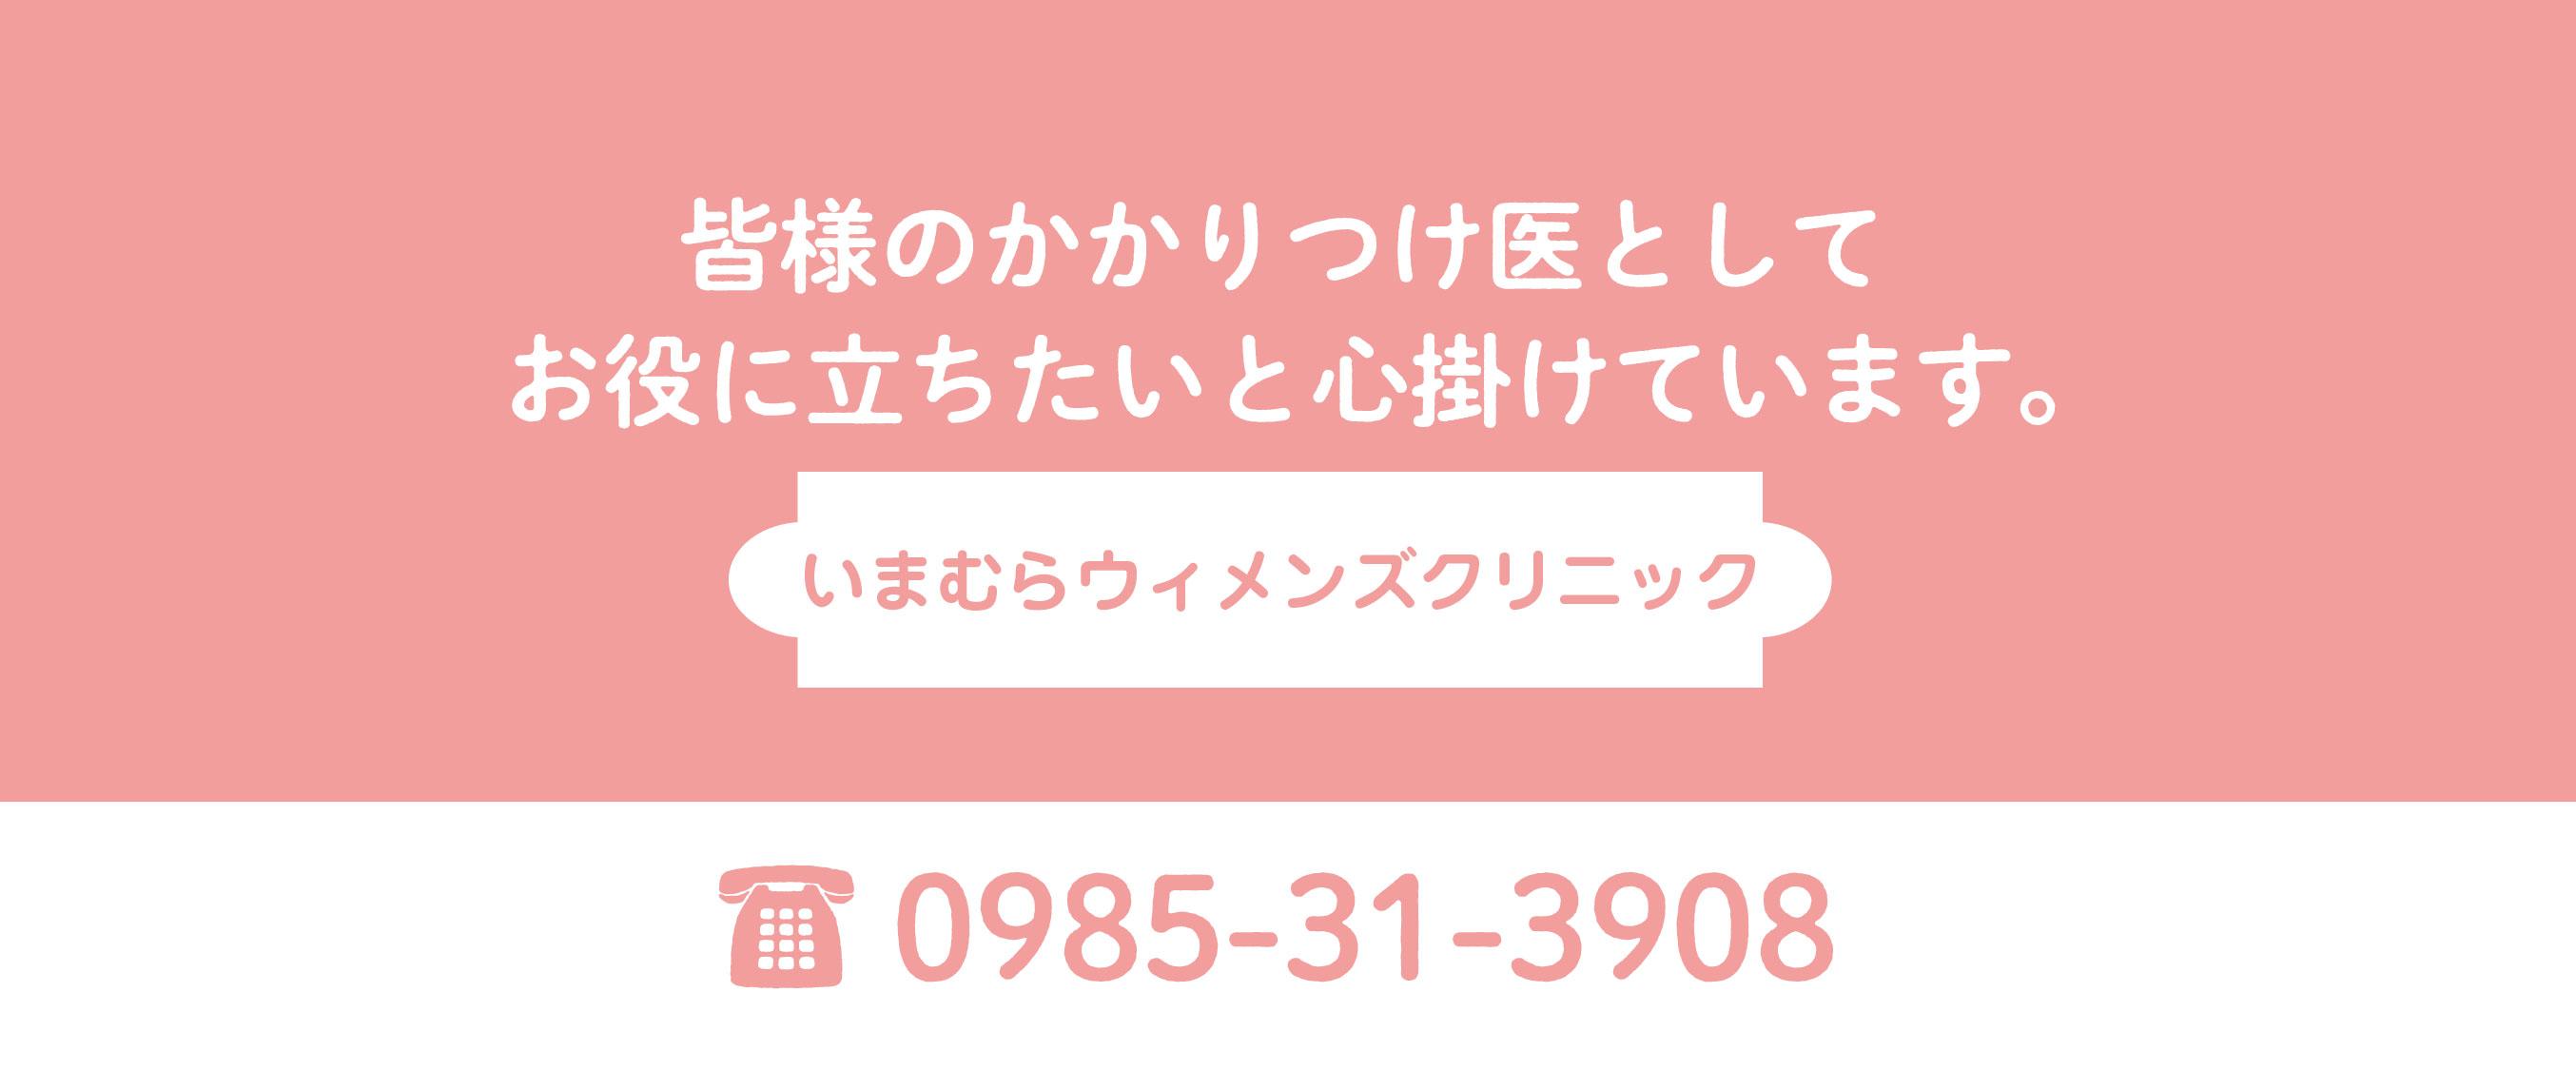 宮崎市の産婦人科いまむらウィメンズクリニック